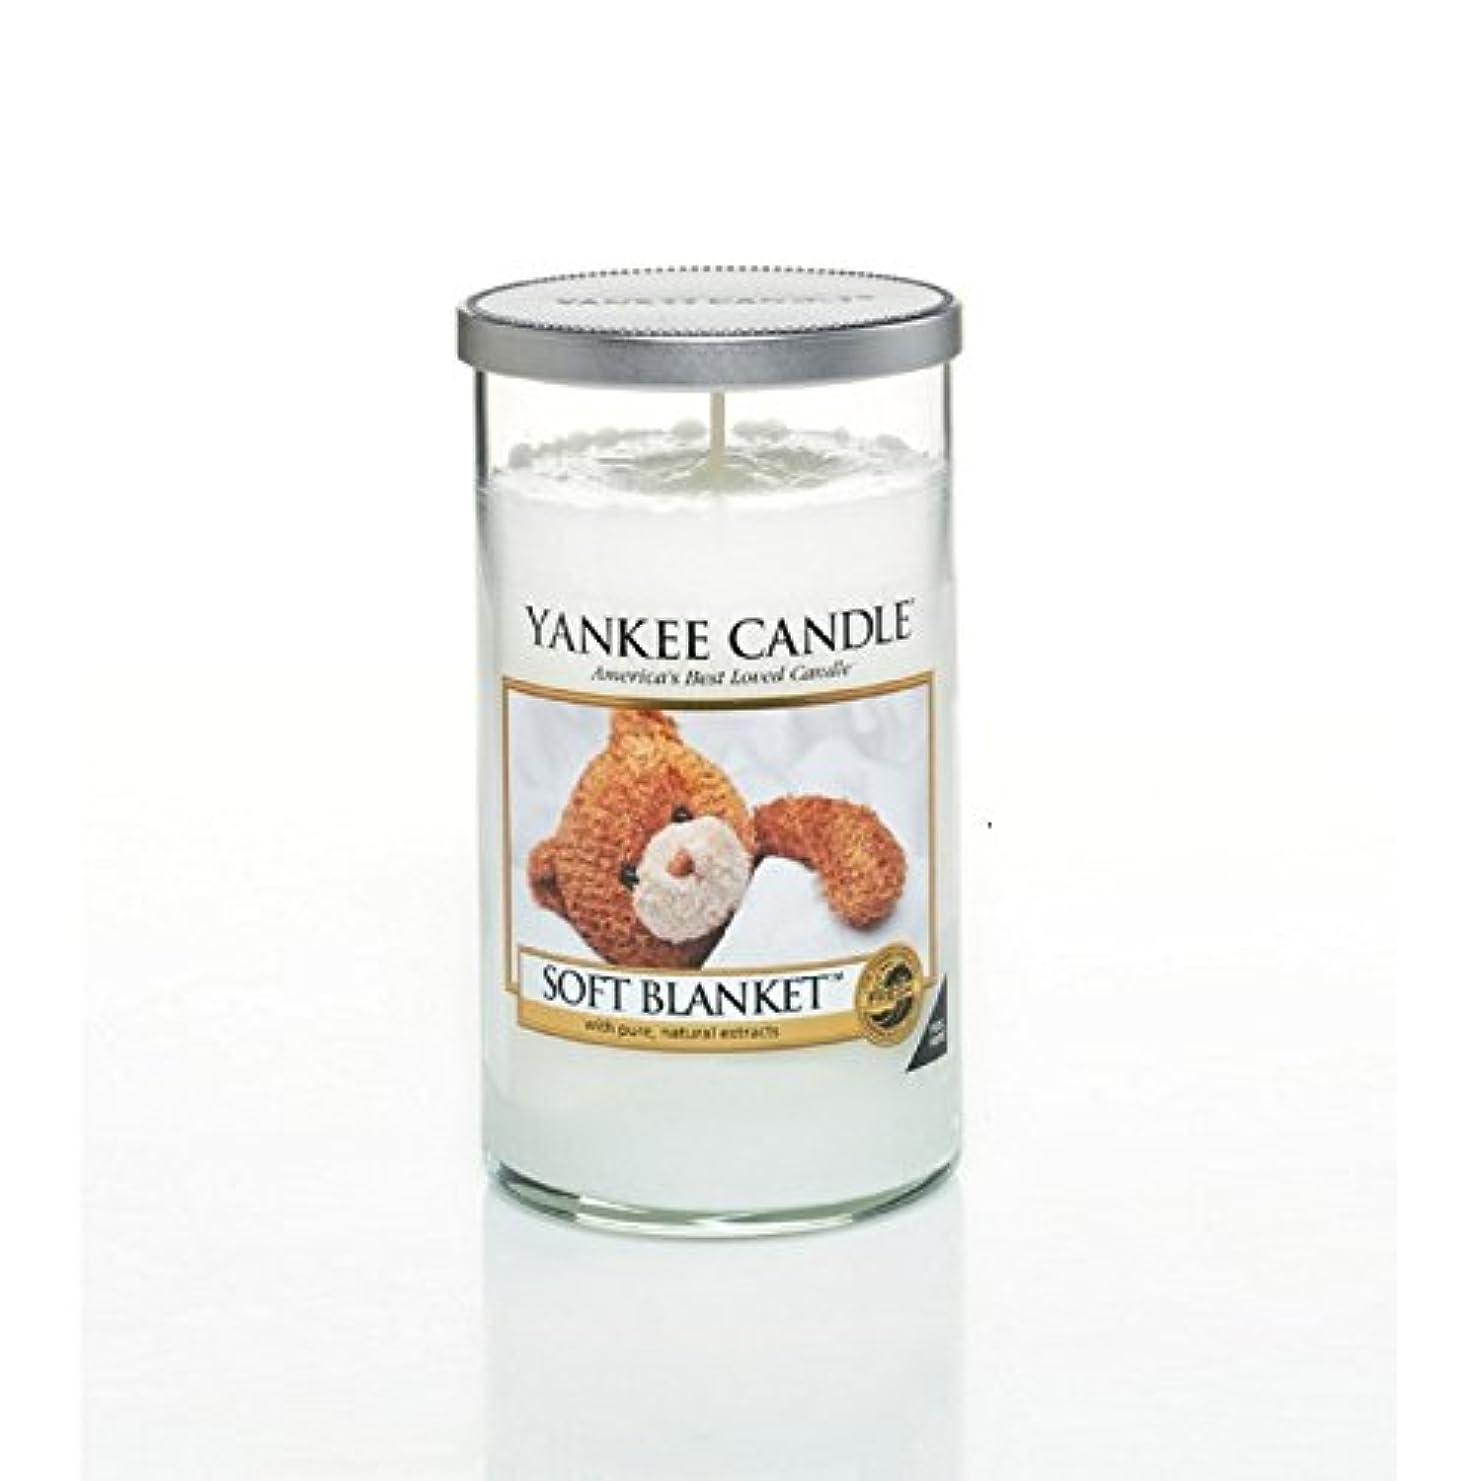 ペンダントベーリング海峡お世話になったヤンキーキャンドルメディアピラーキャンドル - ソフト毛布 - Yankee Candles Medium Pillar Candle - Soft Blanket (Yankee Candles) [並行輸入品]